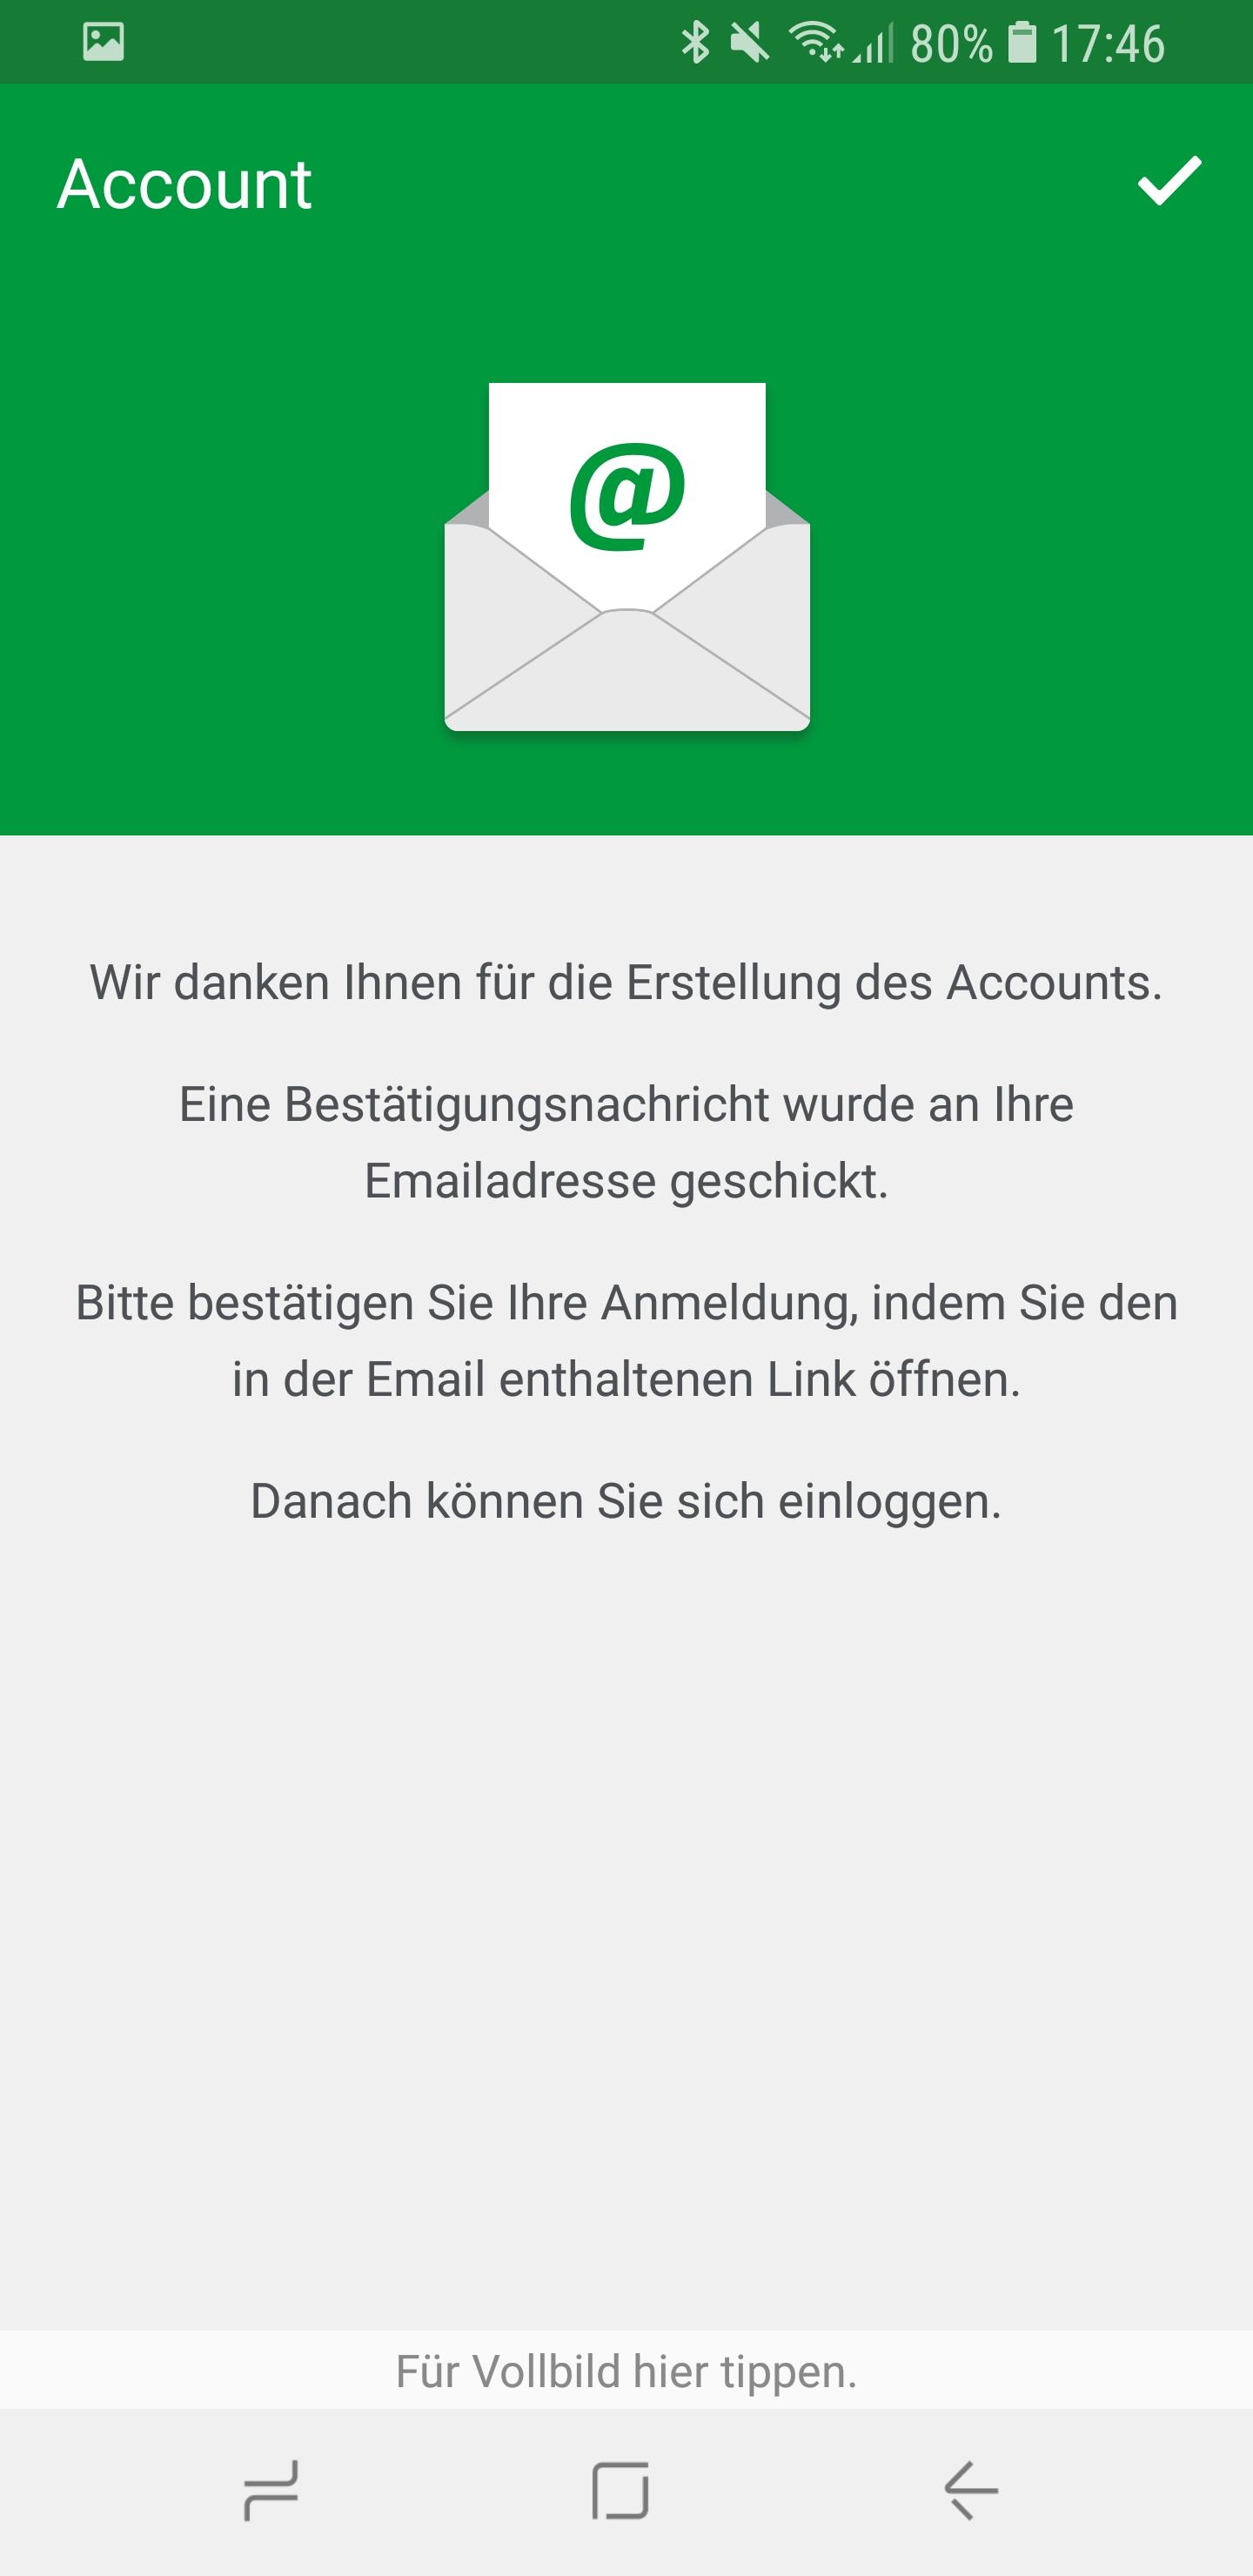 Vorwerk Kobold App installieren und Account einrichten 09